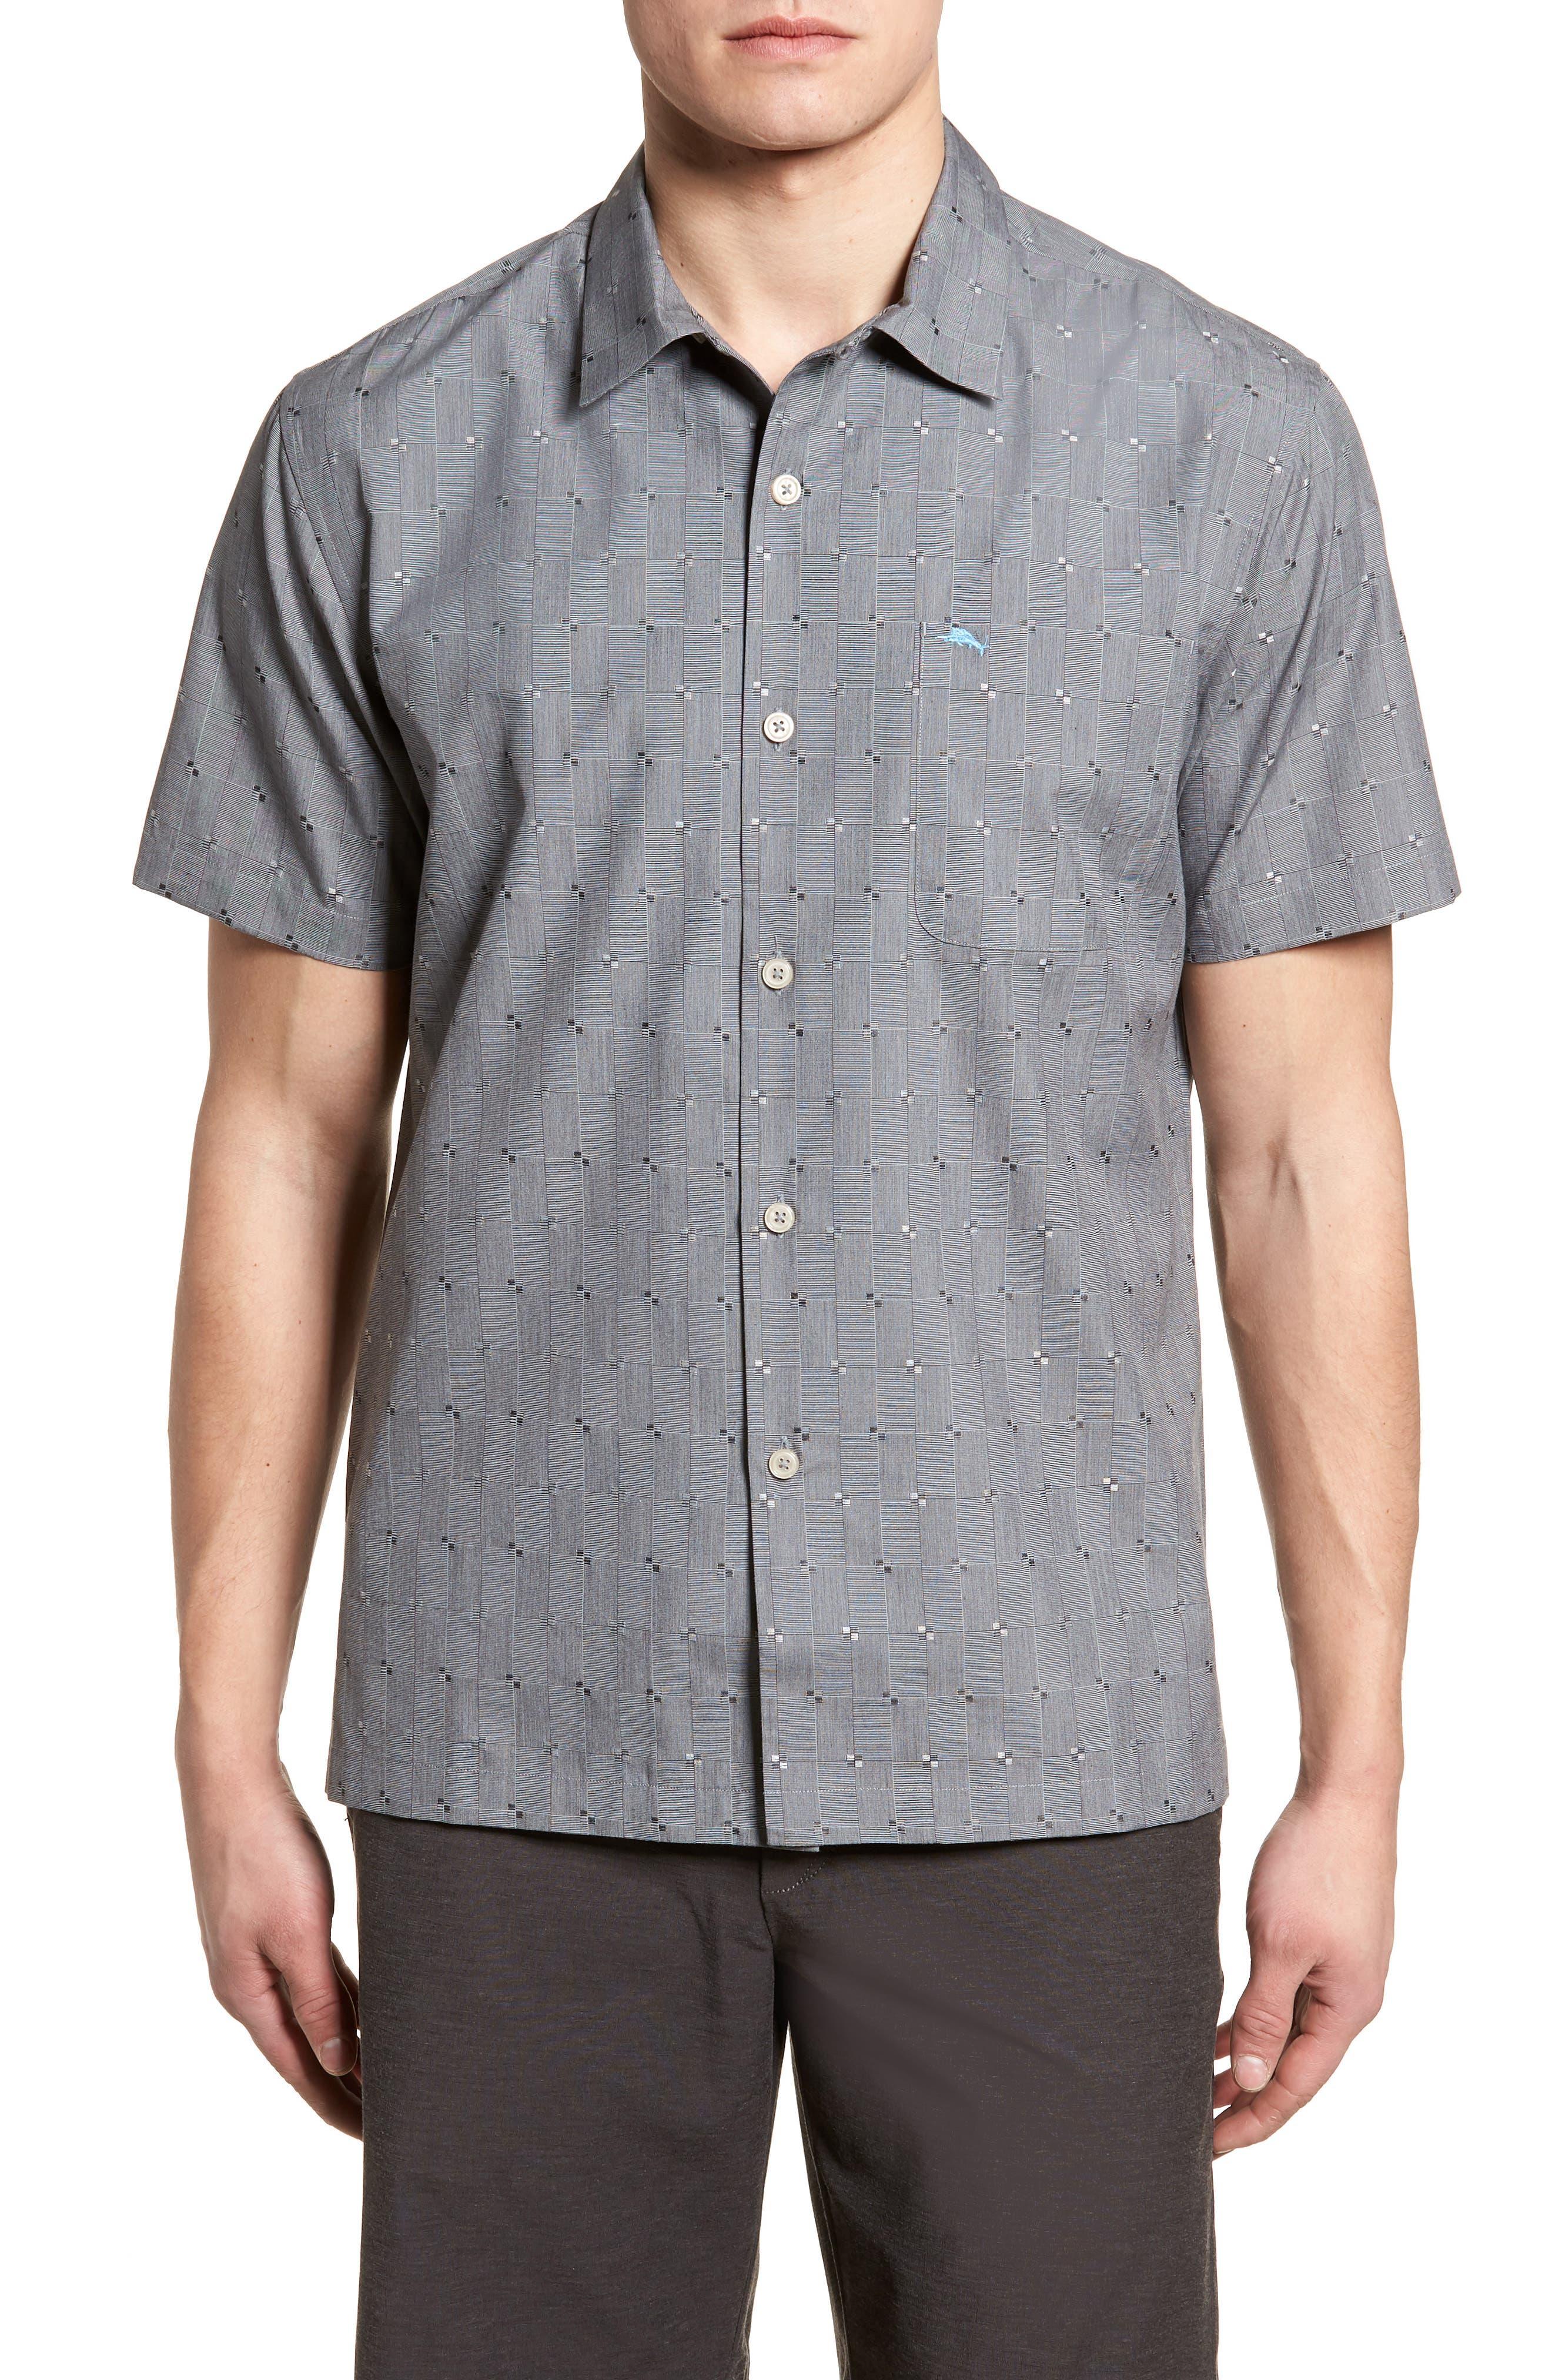 Cypress Sands Camp Shirt,                             Main thumbnail 1, color,                             001